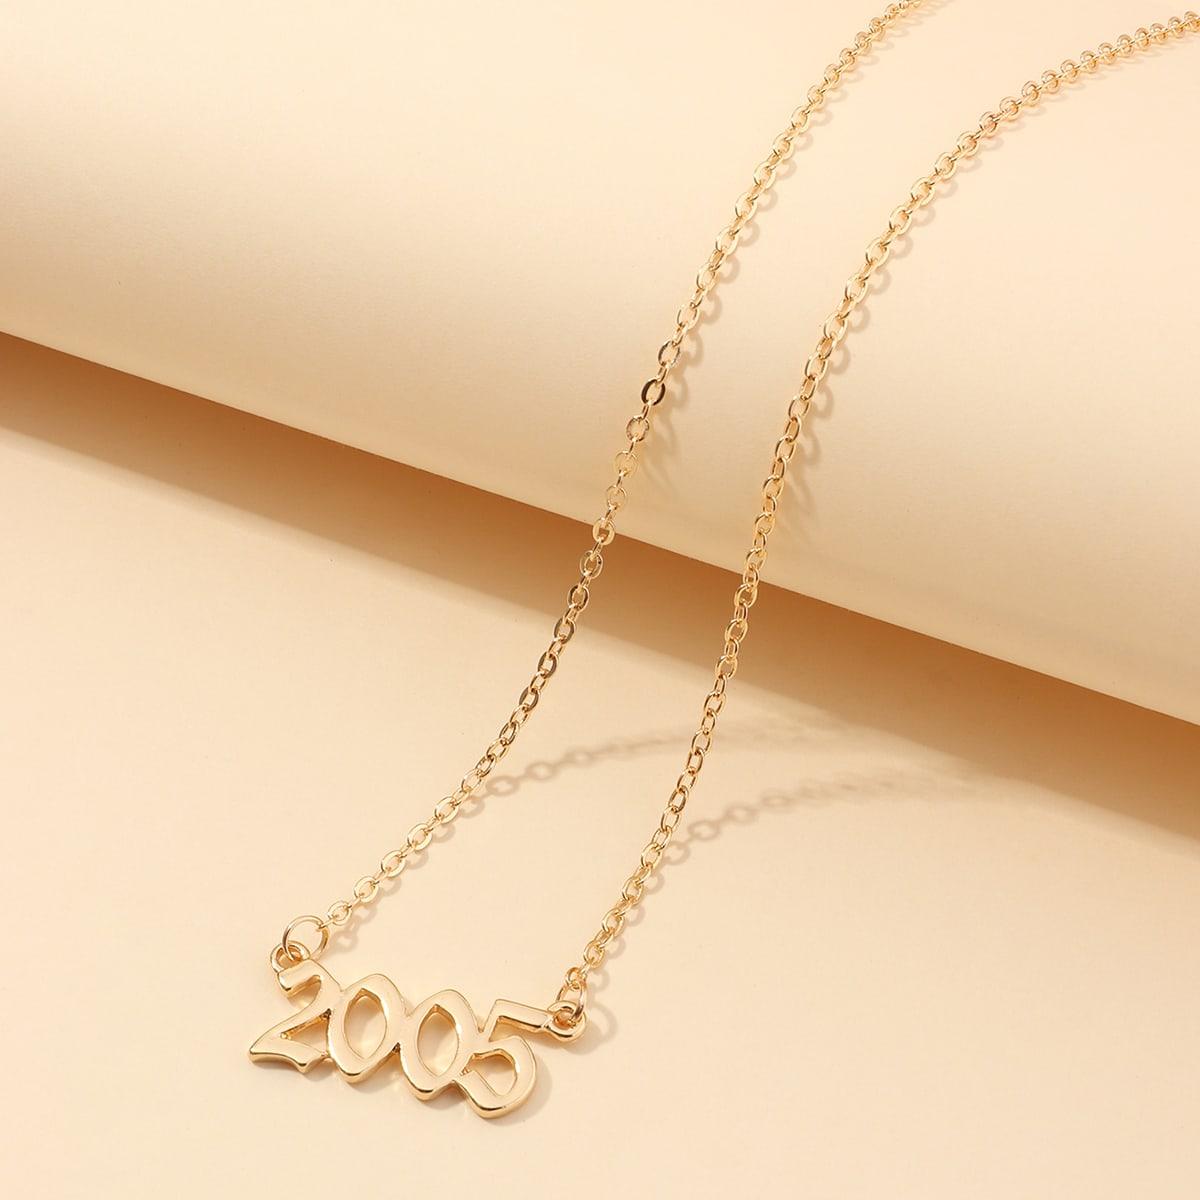 Halskette mit Nummer Anhänger